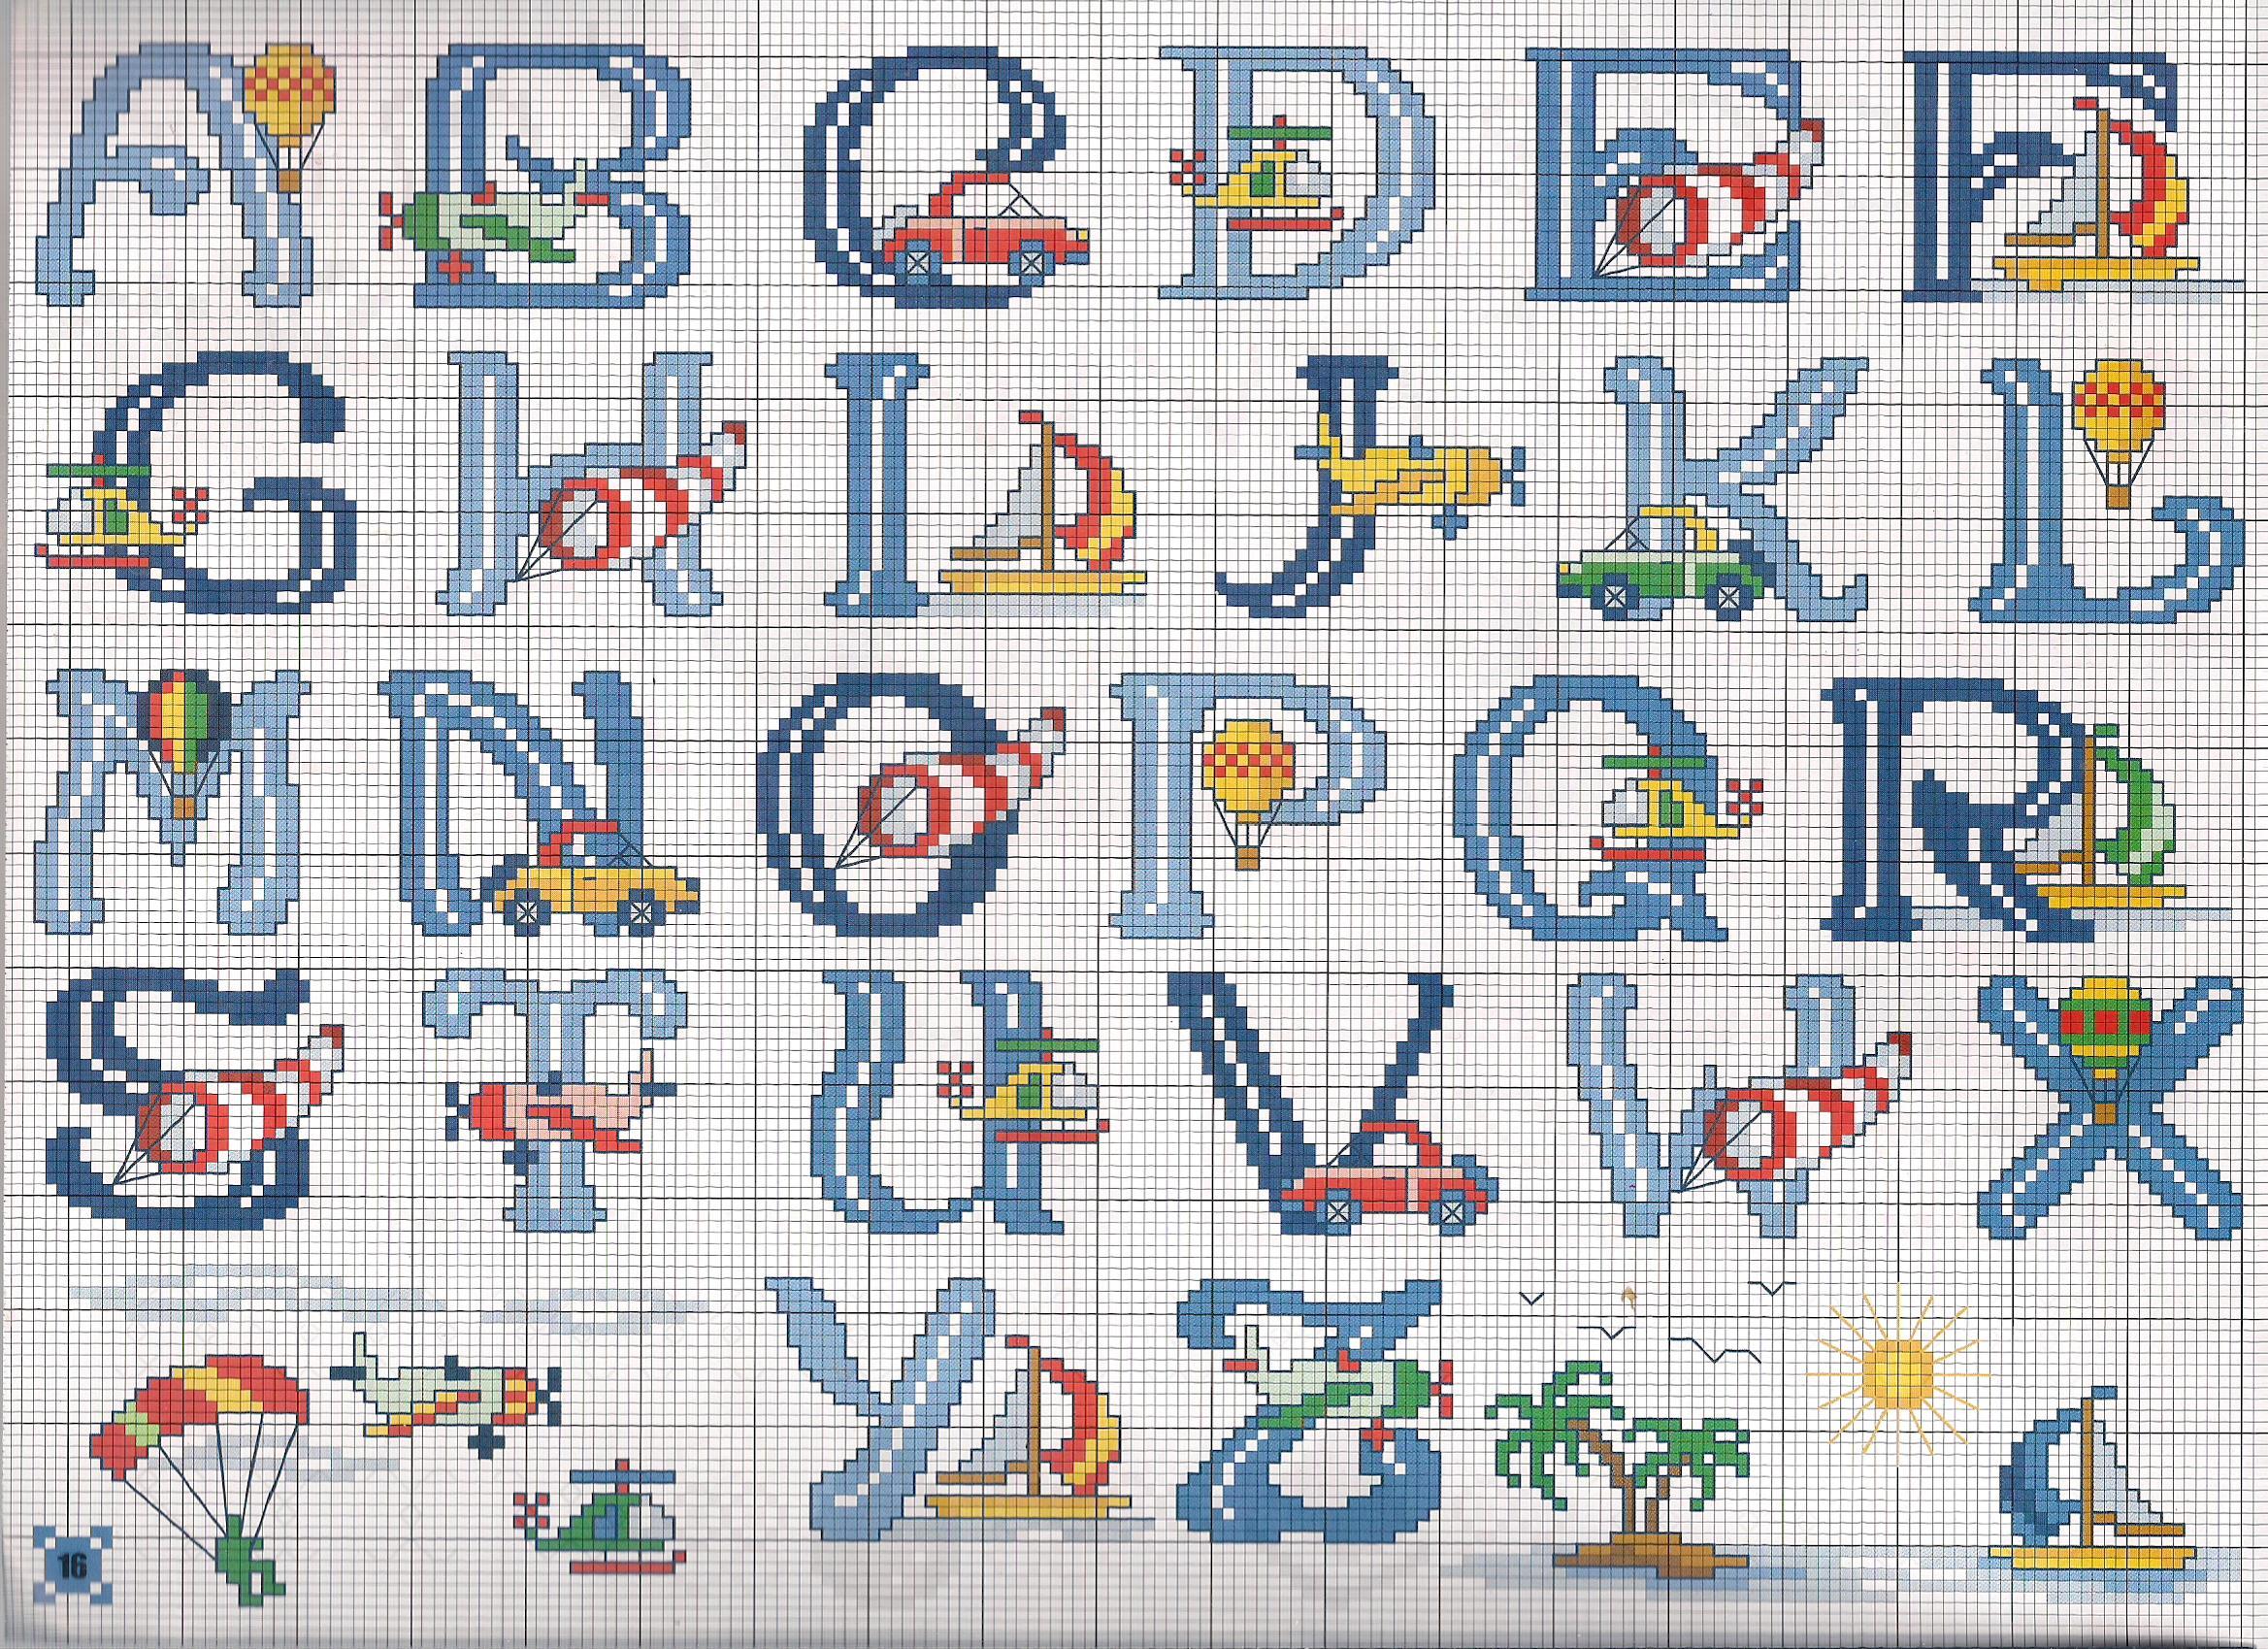 Popolare alfabeto mezzi trasporto - magiedifilo.it punto croce uncinetto  RW64